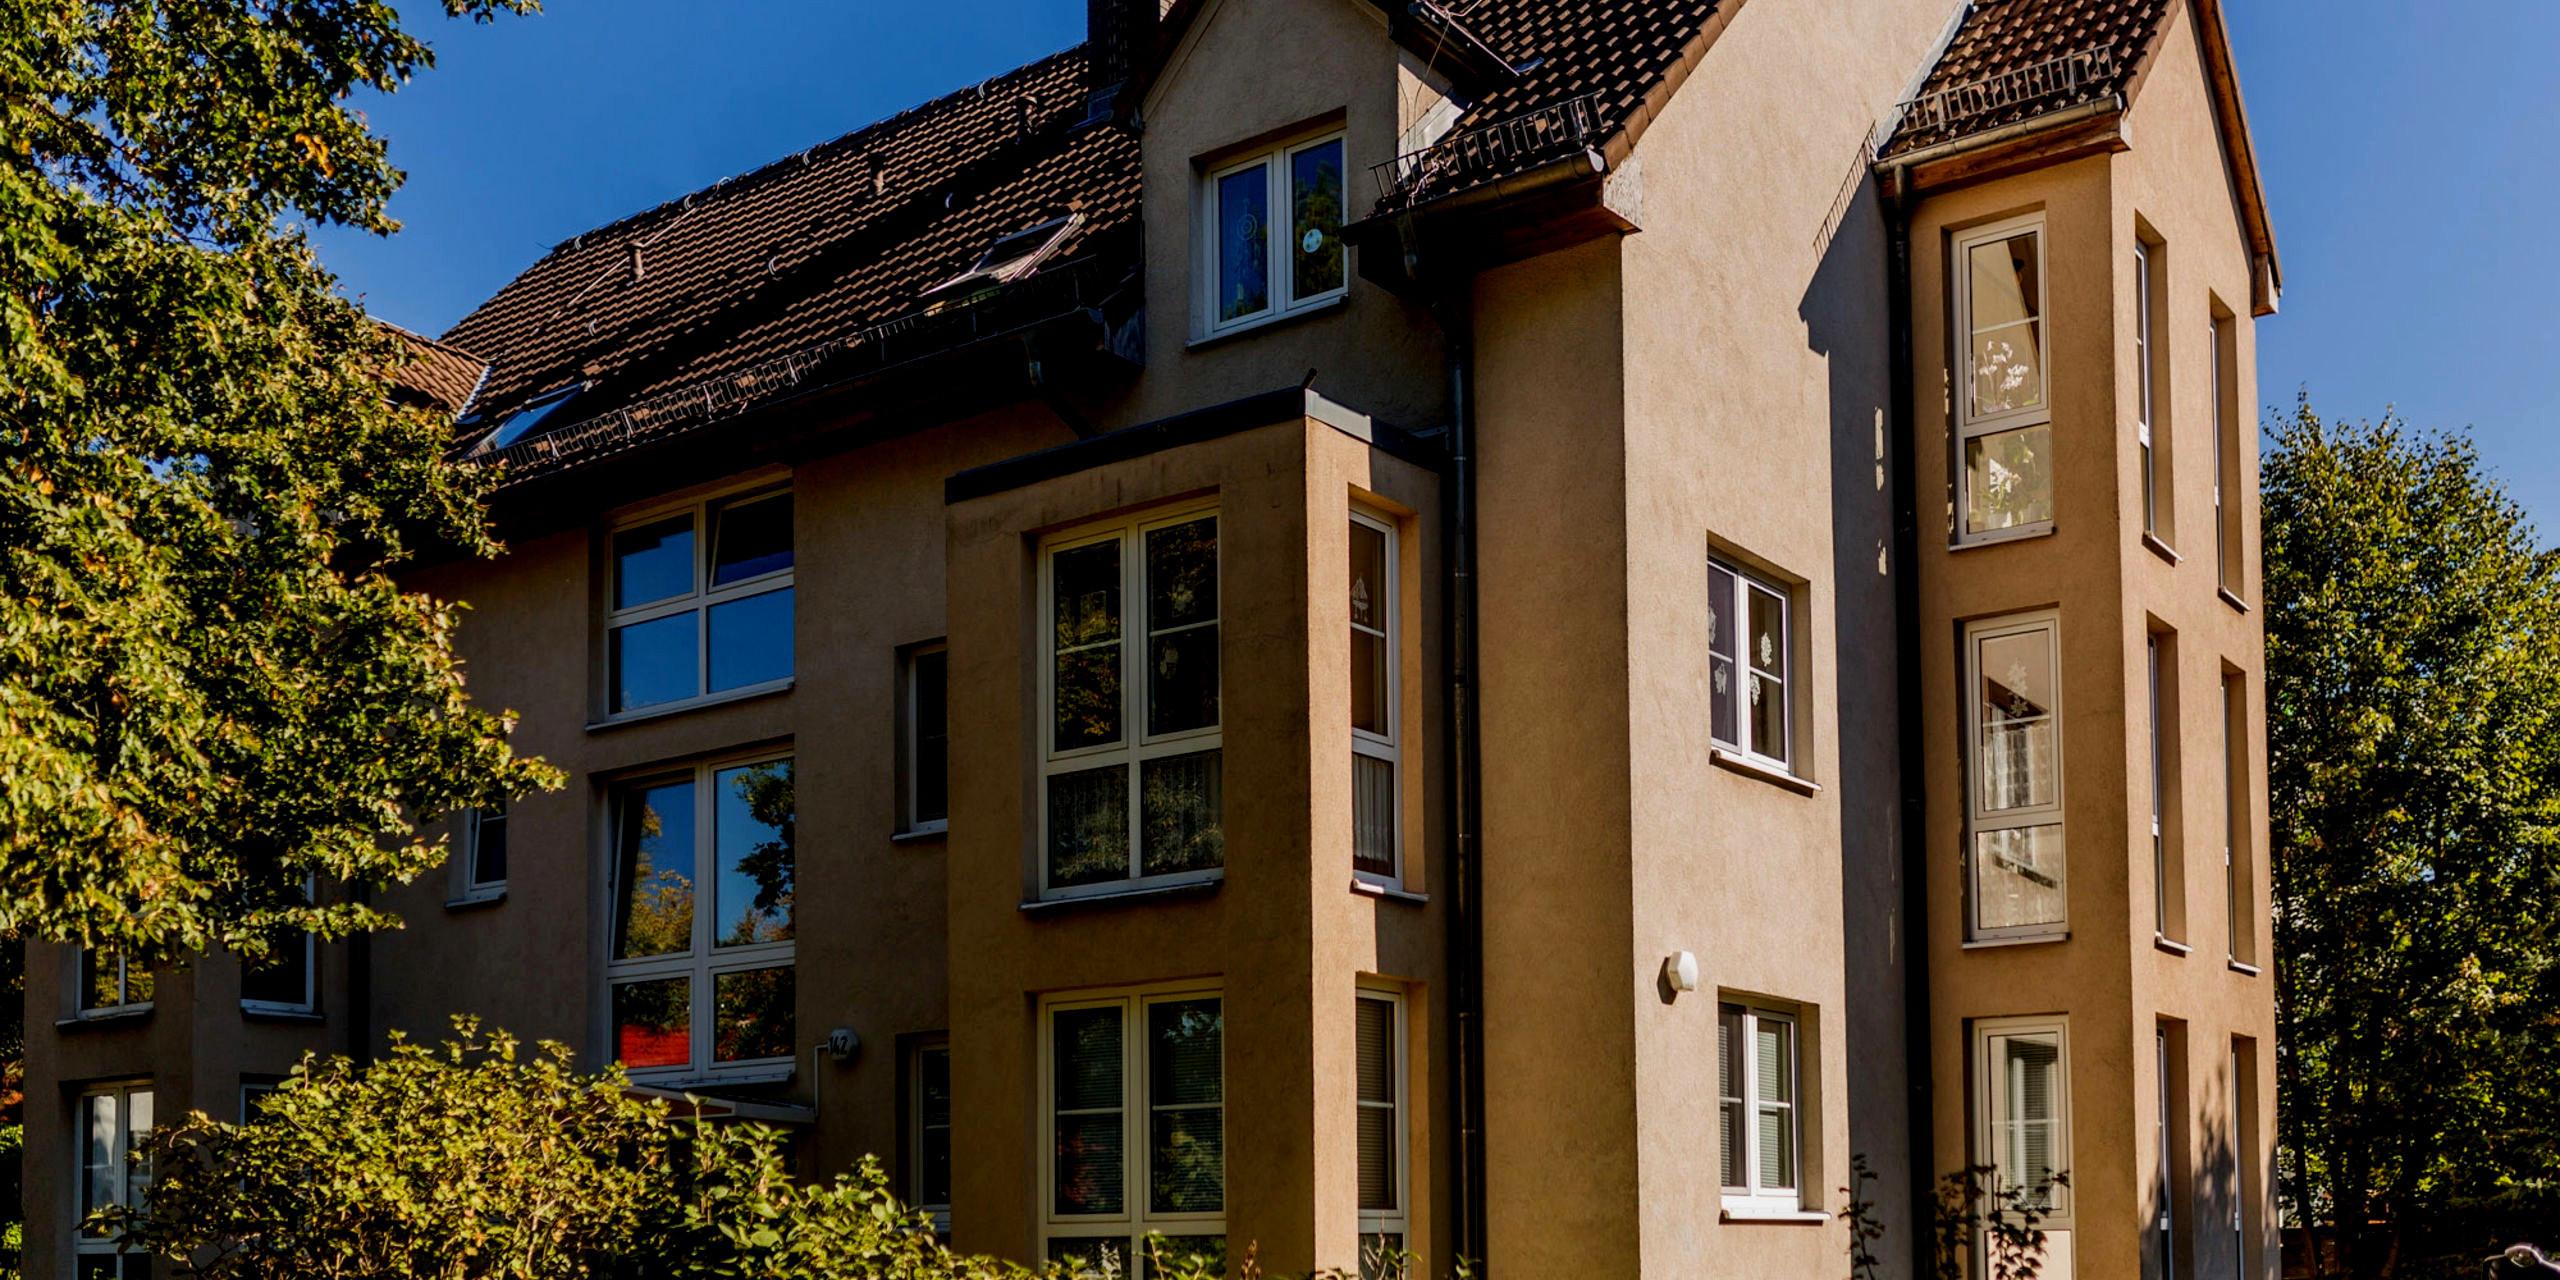 Dringlichkeitsschein Wohnungen Hamburg